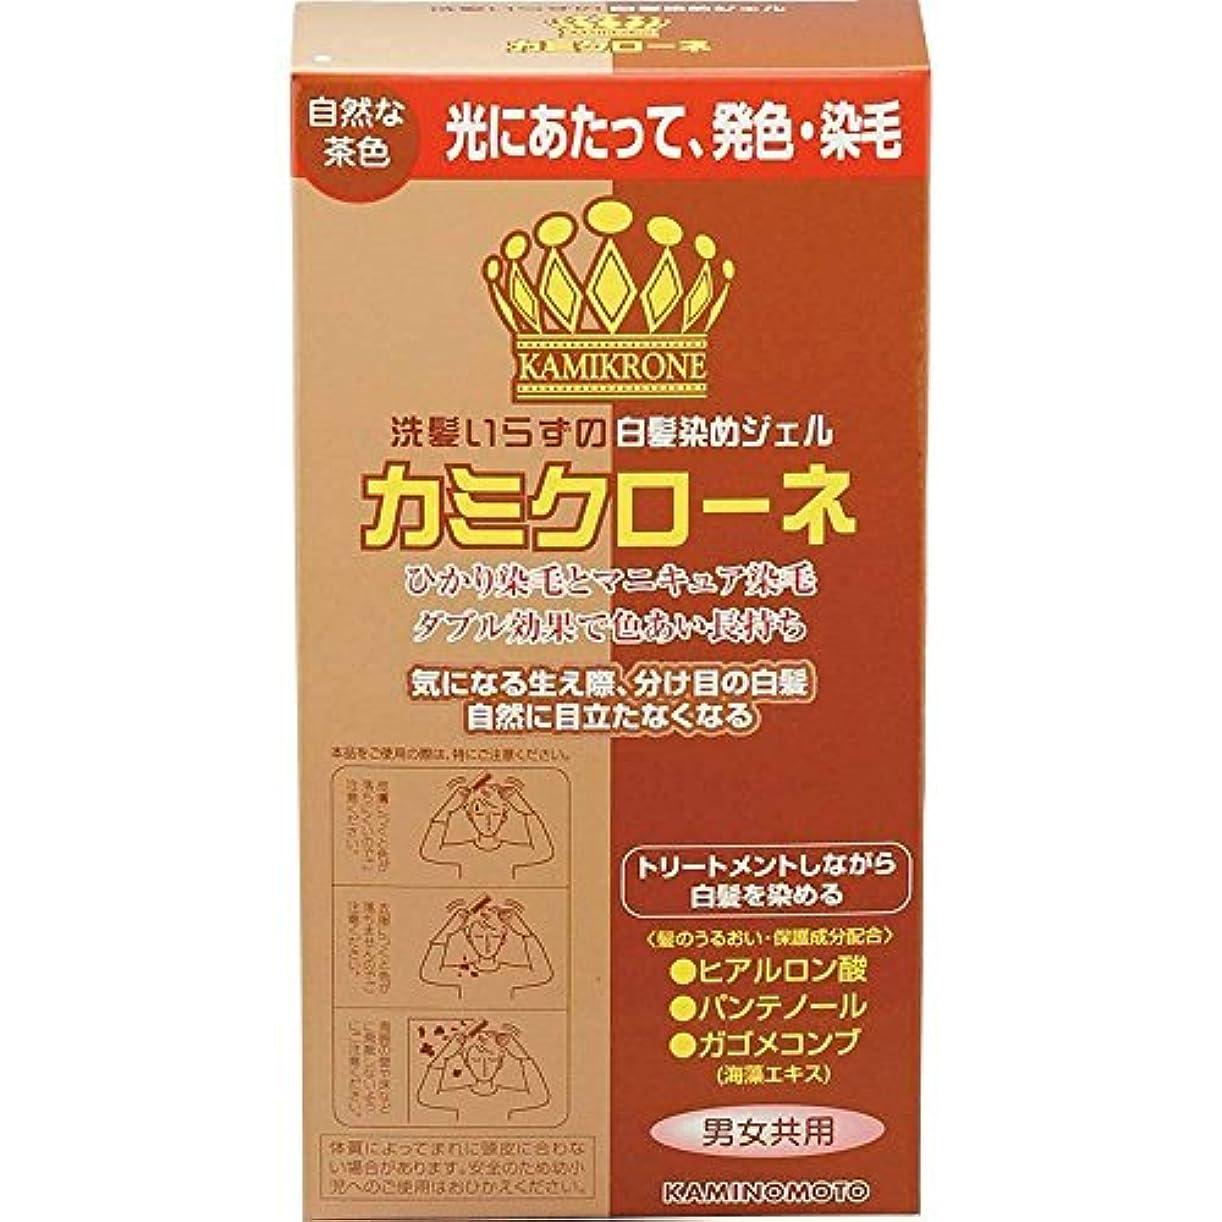 ナットマイコンパッド加美乃素 カミクローネ ナチュラルブラウン 80ml×6個